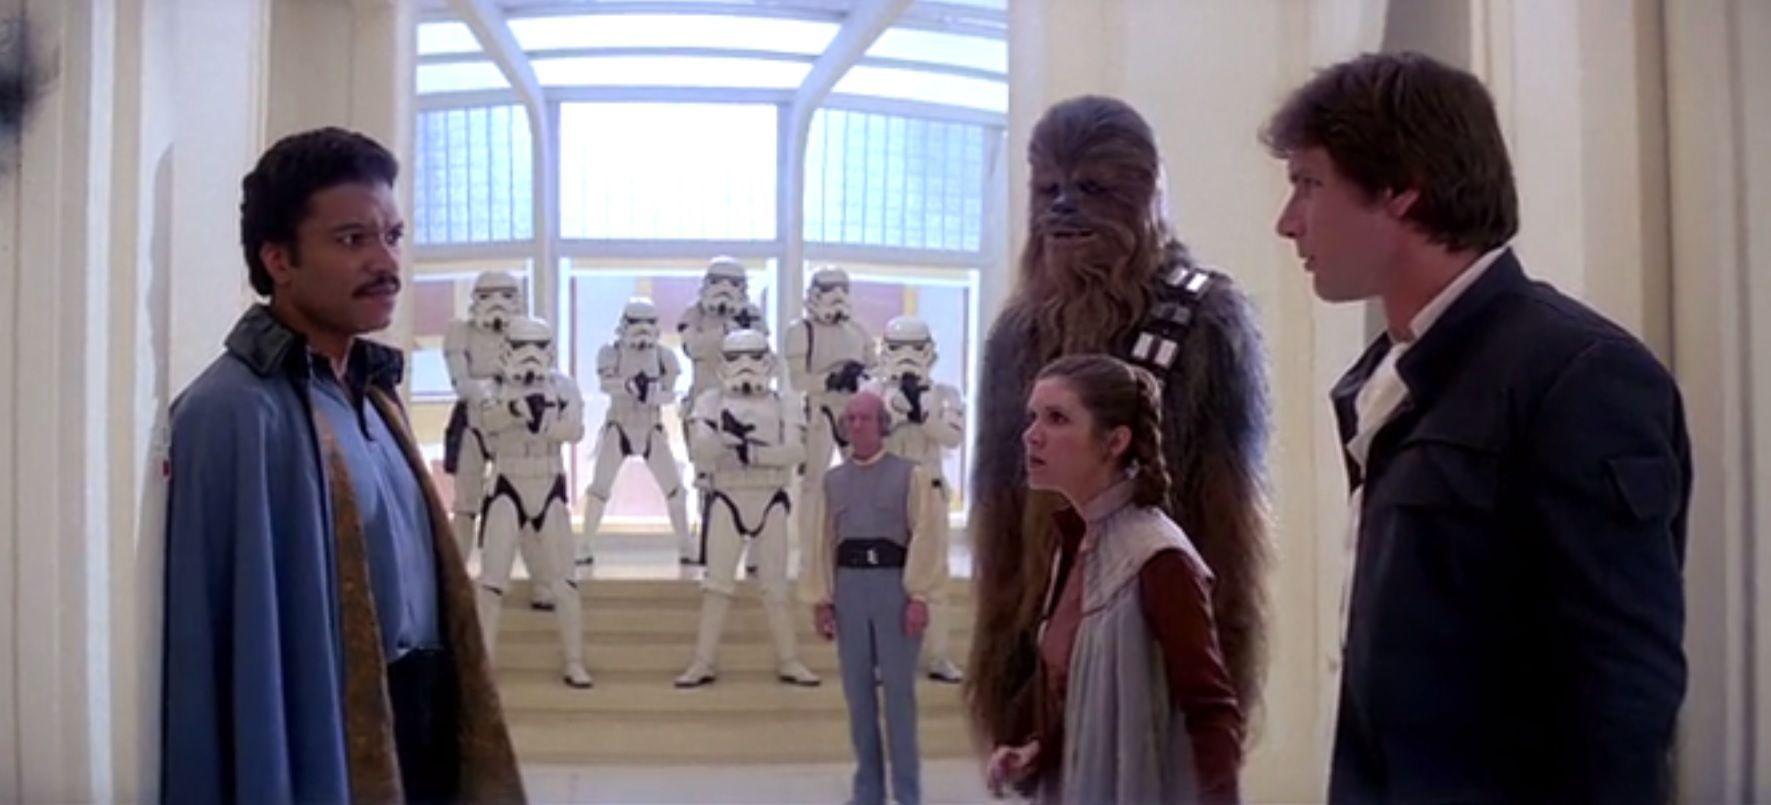 ¿Con quién contacta mediante la fuerza Luke para ser rescatado en Bespin?